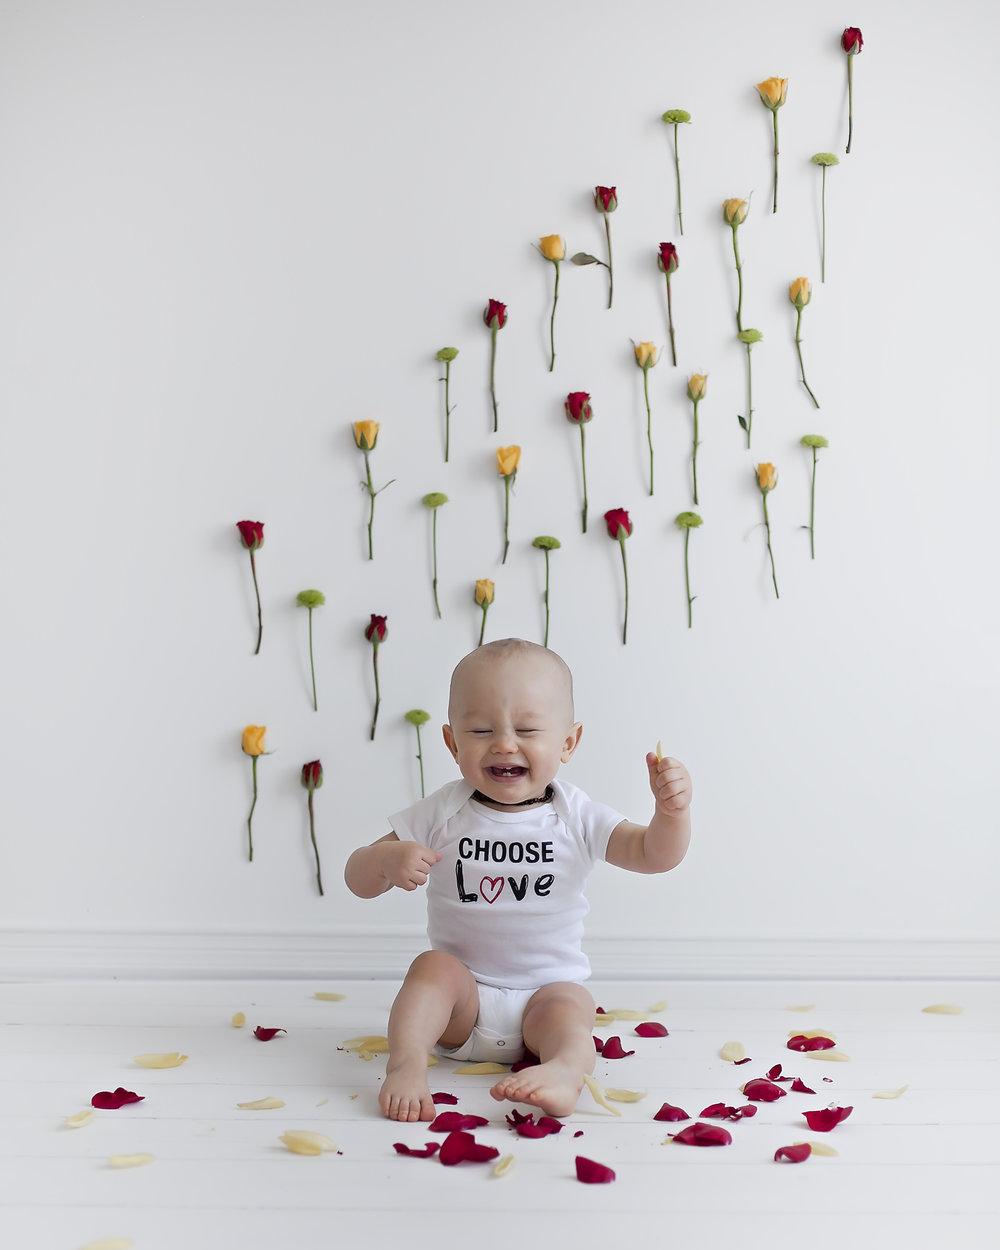 Petra_King_Photography_MothersDay2018_Mom_Baby_Oshawa.jpg